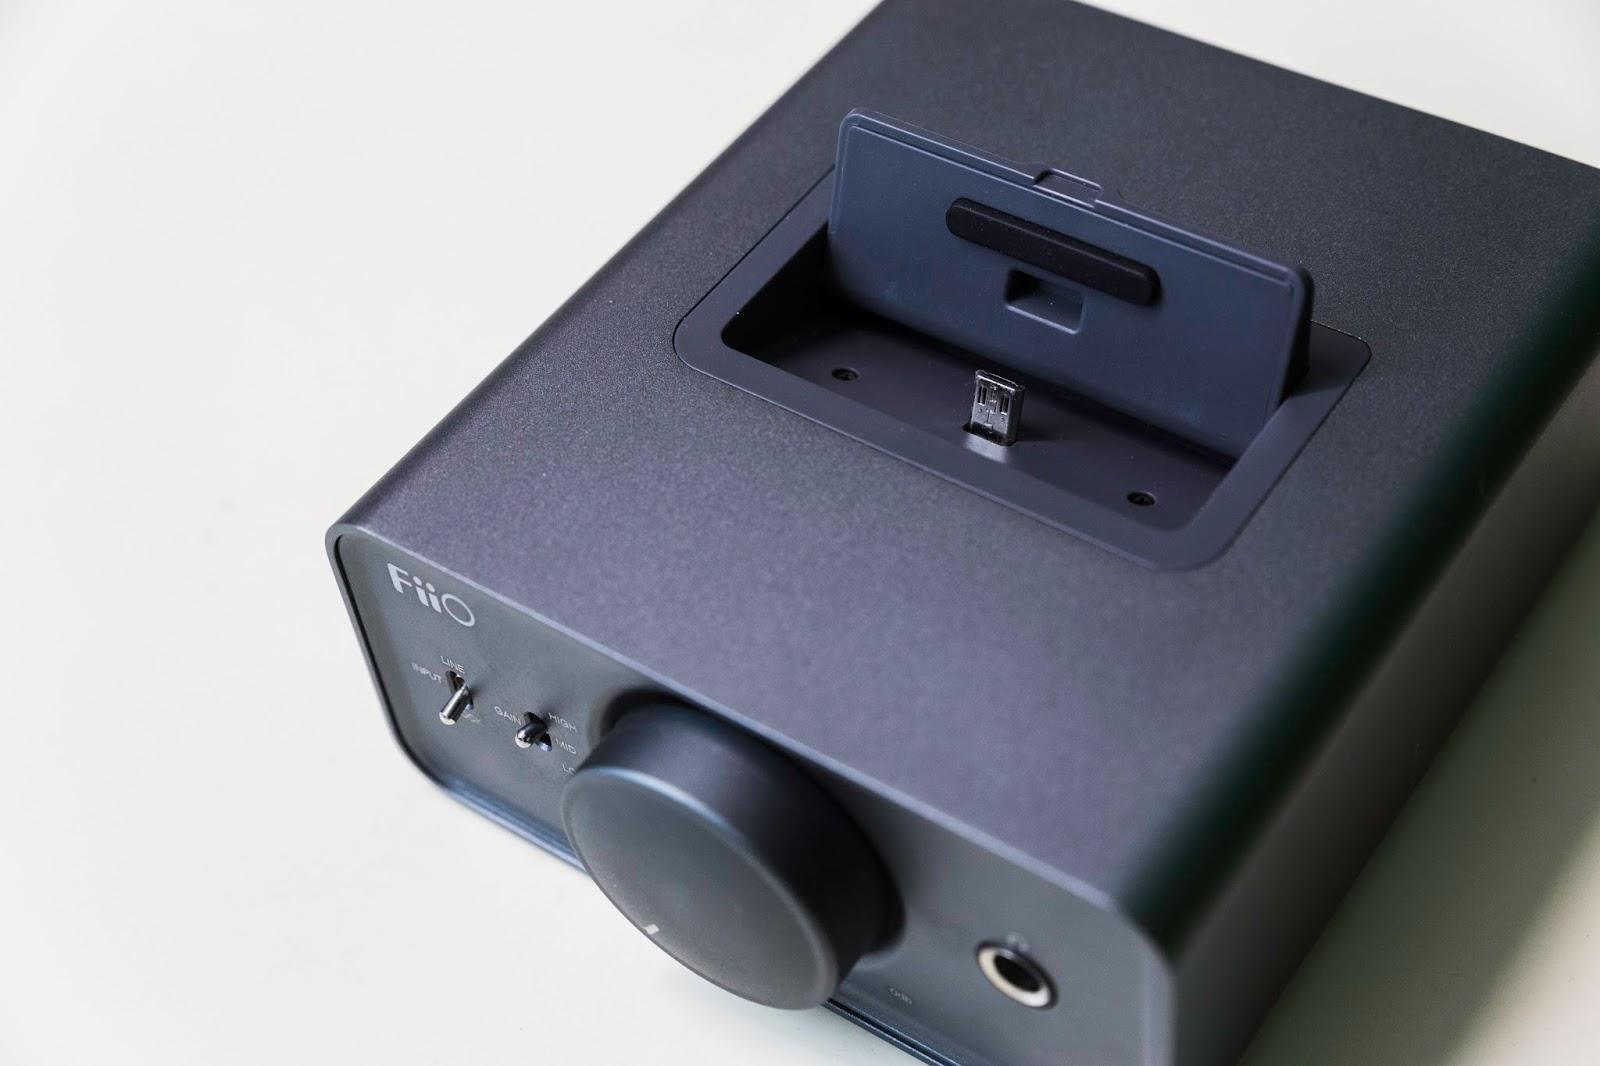 5c4e66f10 Este dock es específico para aparatos de FiiO como pueden ser el X3 III, el  X5 o similares. Lo que le convertirá en un amplificador y DAC al mismo  tiempo al ...